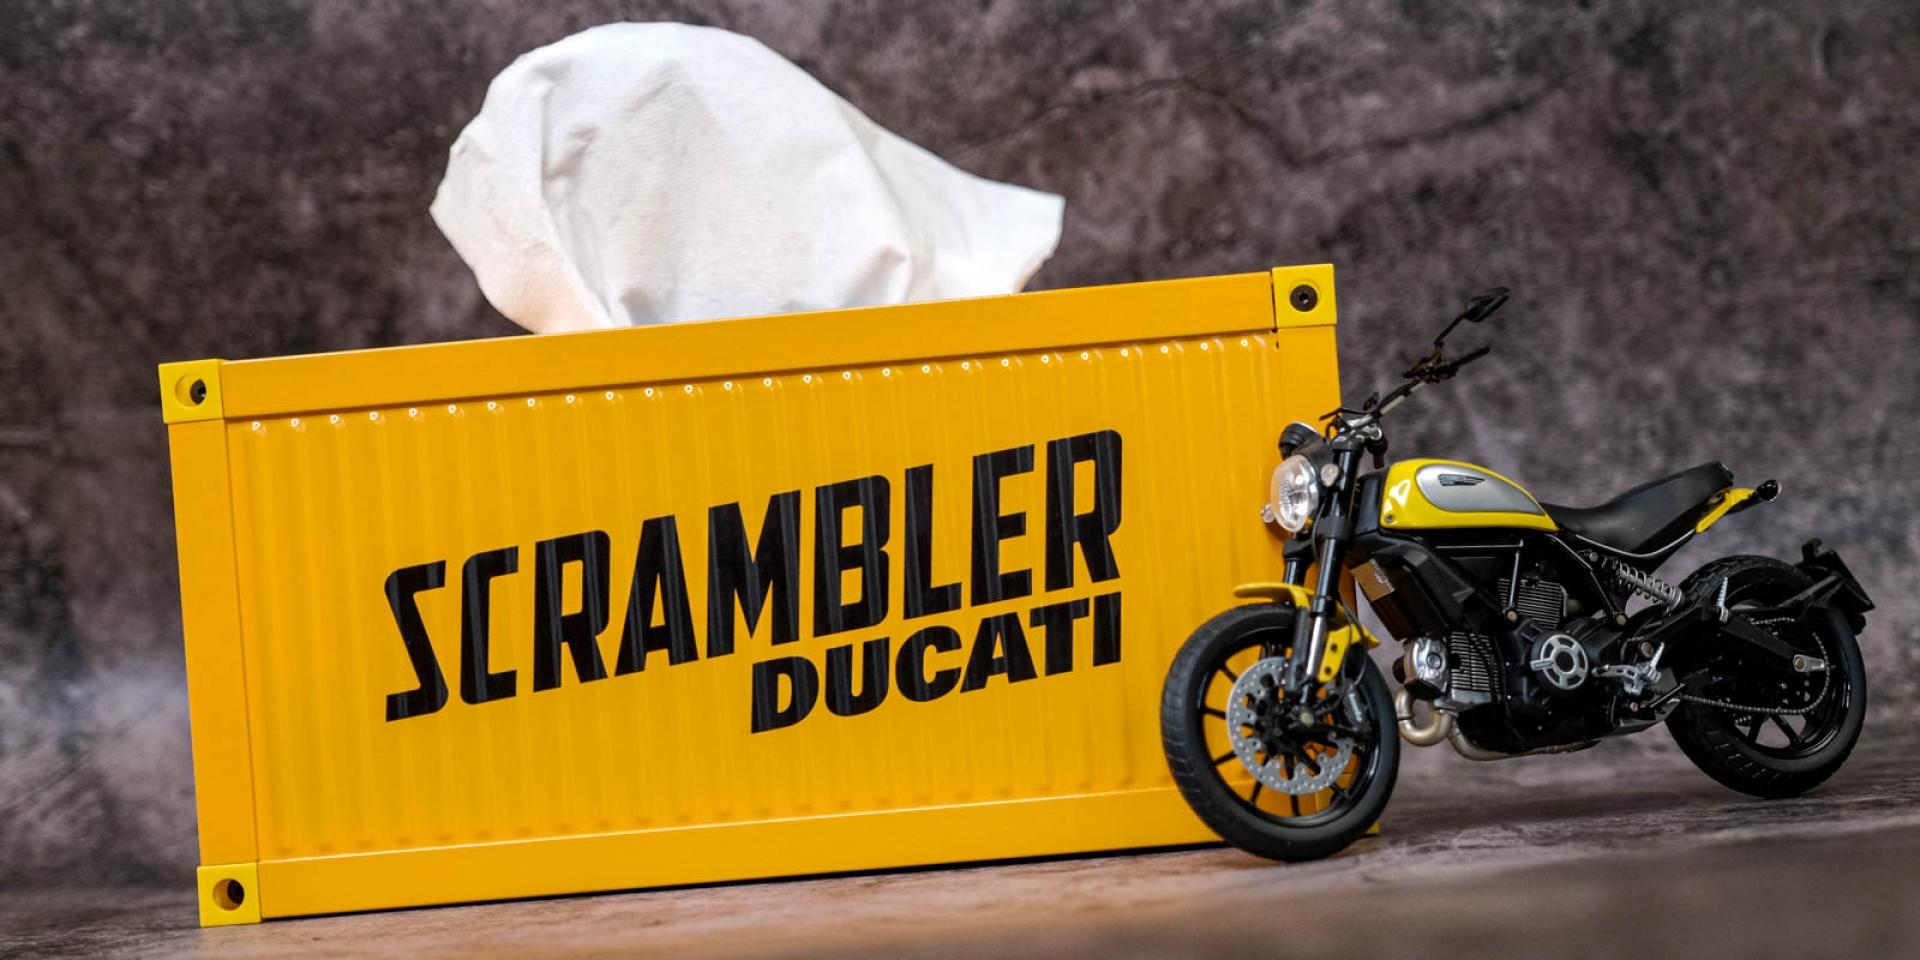 開箱啦 ! Ducati Scrambler 貨櫃面紙盒 集點只送不賣